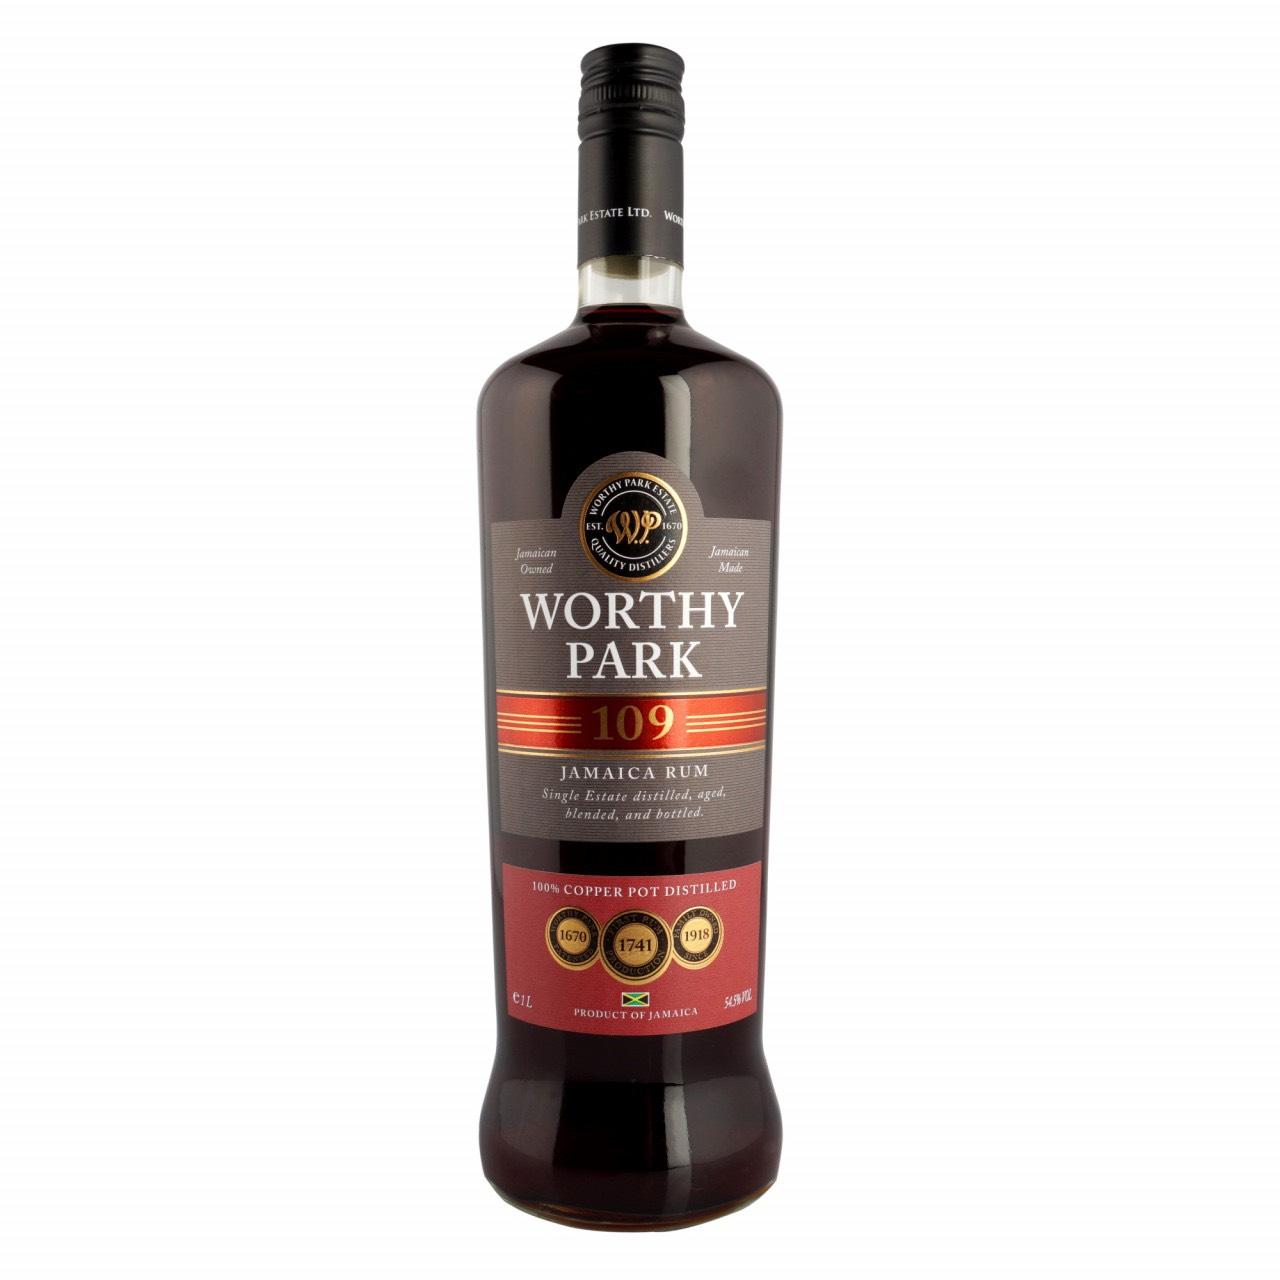 Bottle image of 109 Jamaica Rum